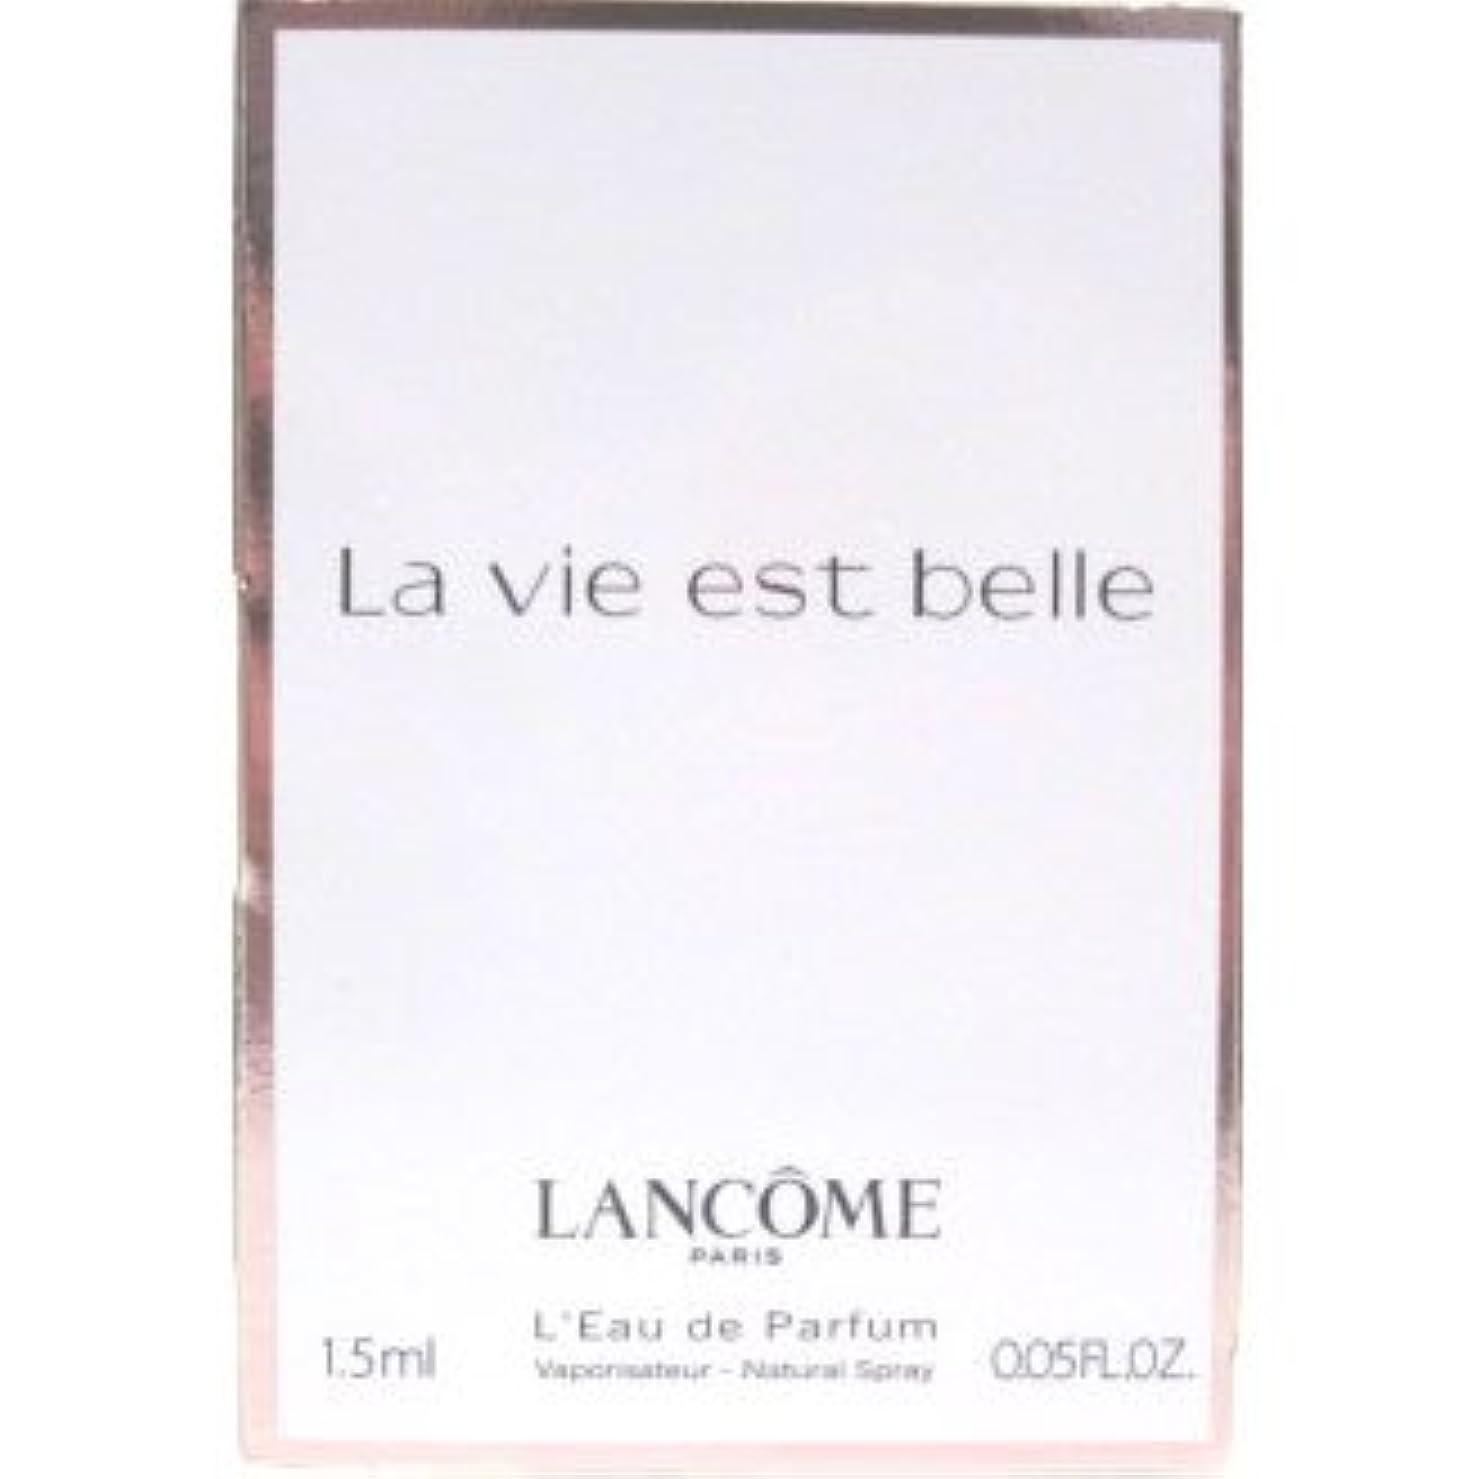 はぁギャンブルとランコム ラ ヴィエベル オードパルファム 1.2ml LANCOME LA VIE EST BELLE EDP [3536]